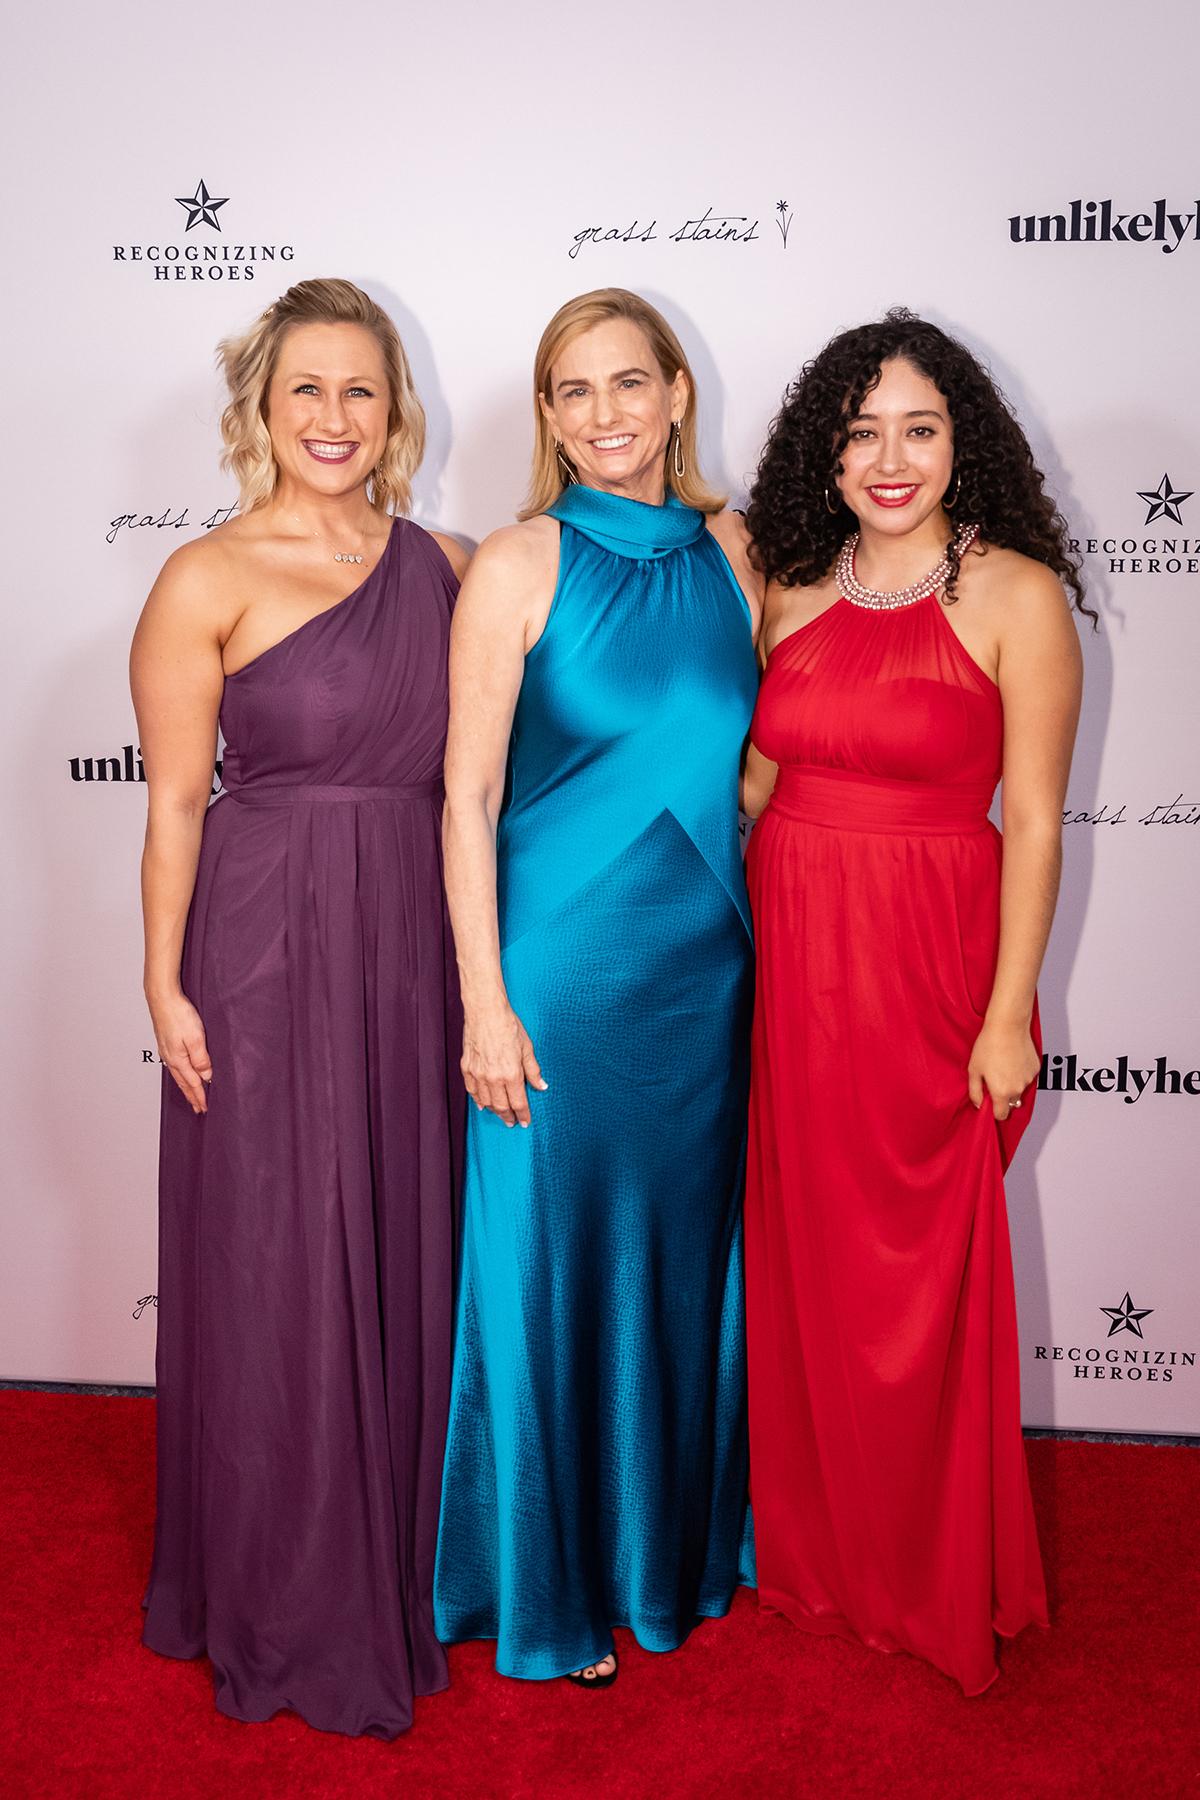 Lauren Grogan, Janet Jensen and Jacky Alvaradejo